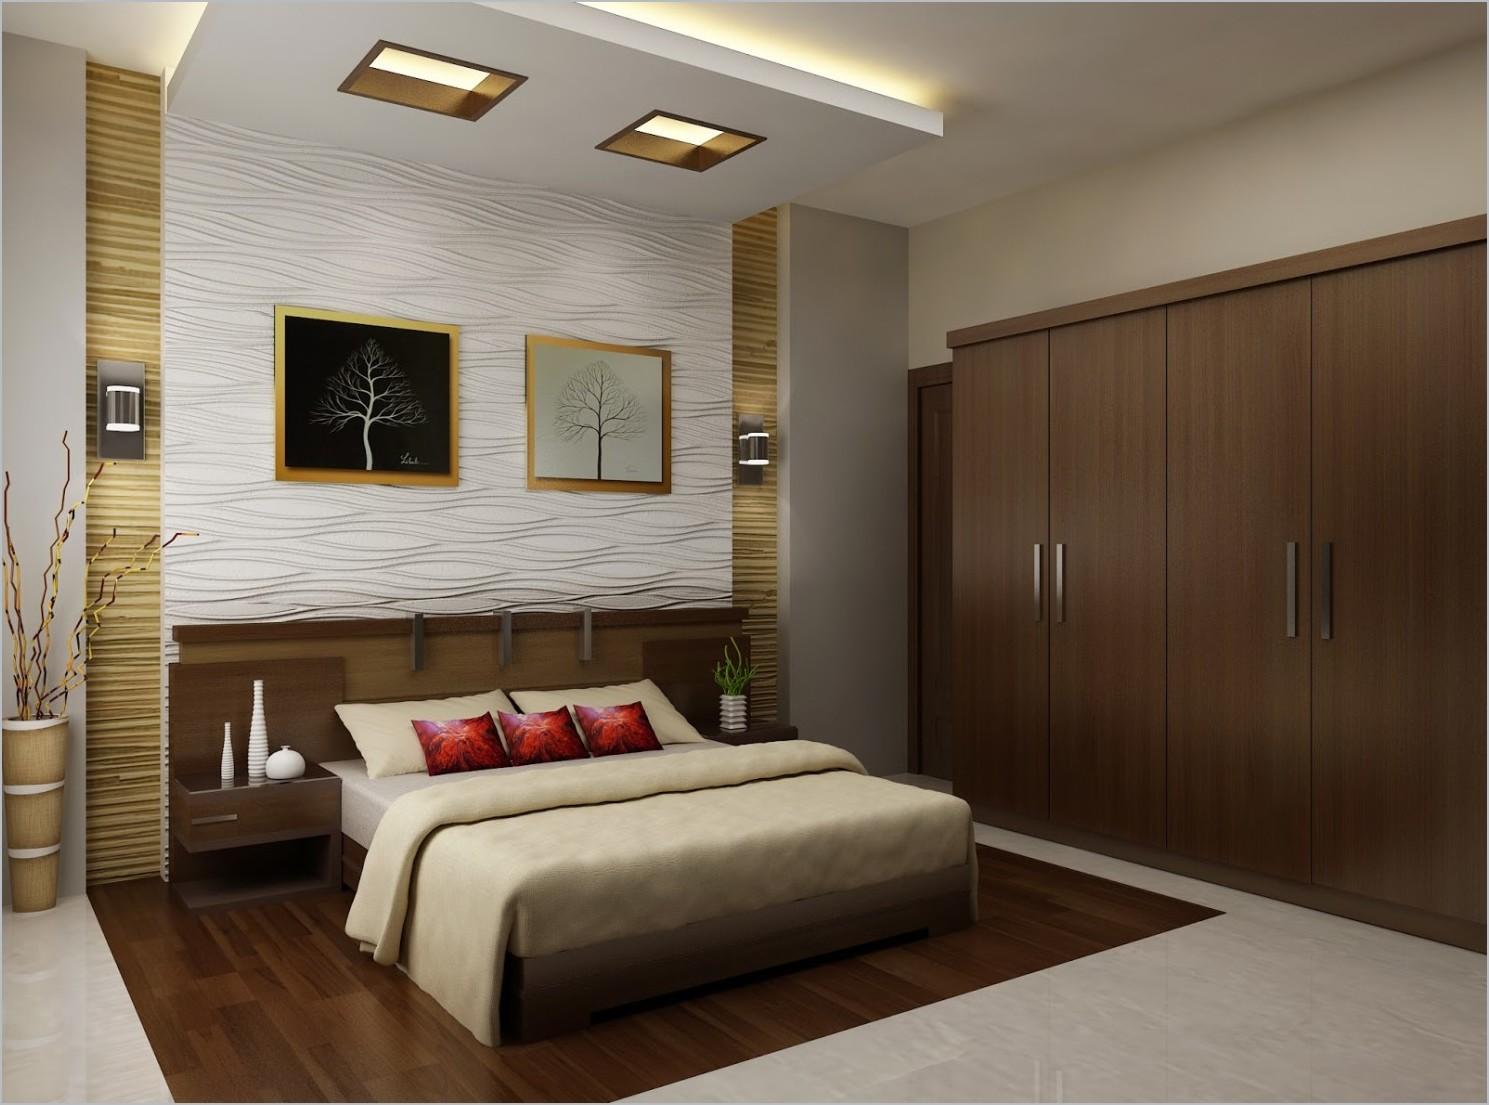 værelses-designs-Indien-værelses-design-kerala-stil-god-home-interiør-indisk-møbler-of-ejer-en-blive-bare-at-drøm